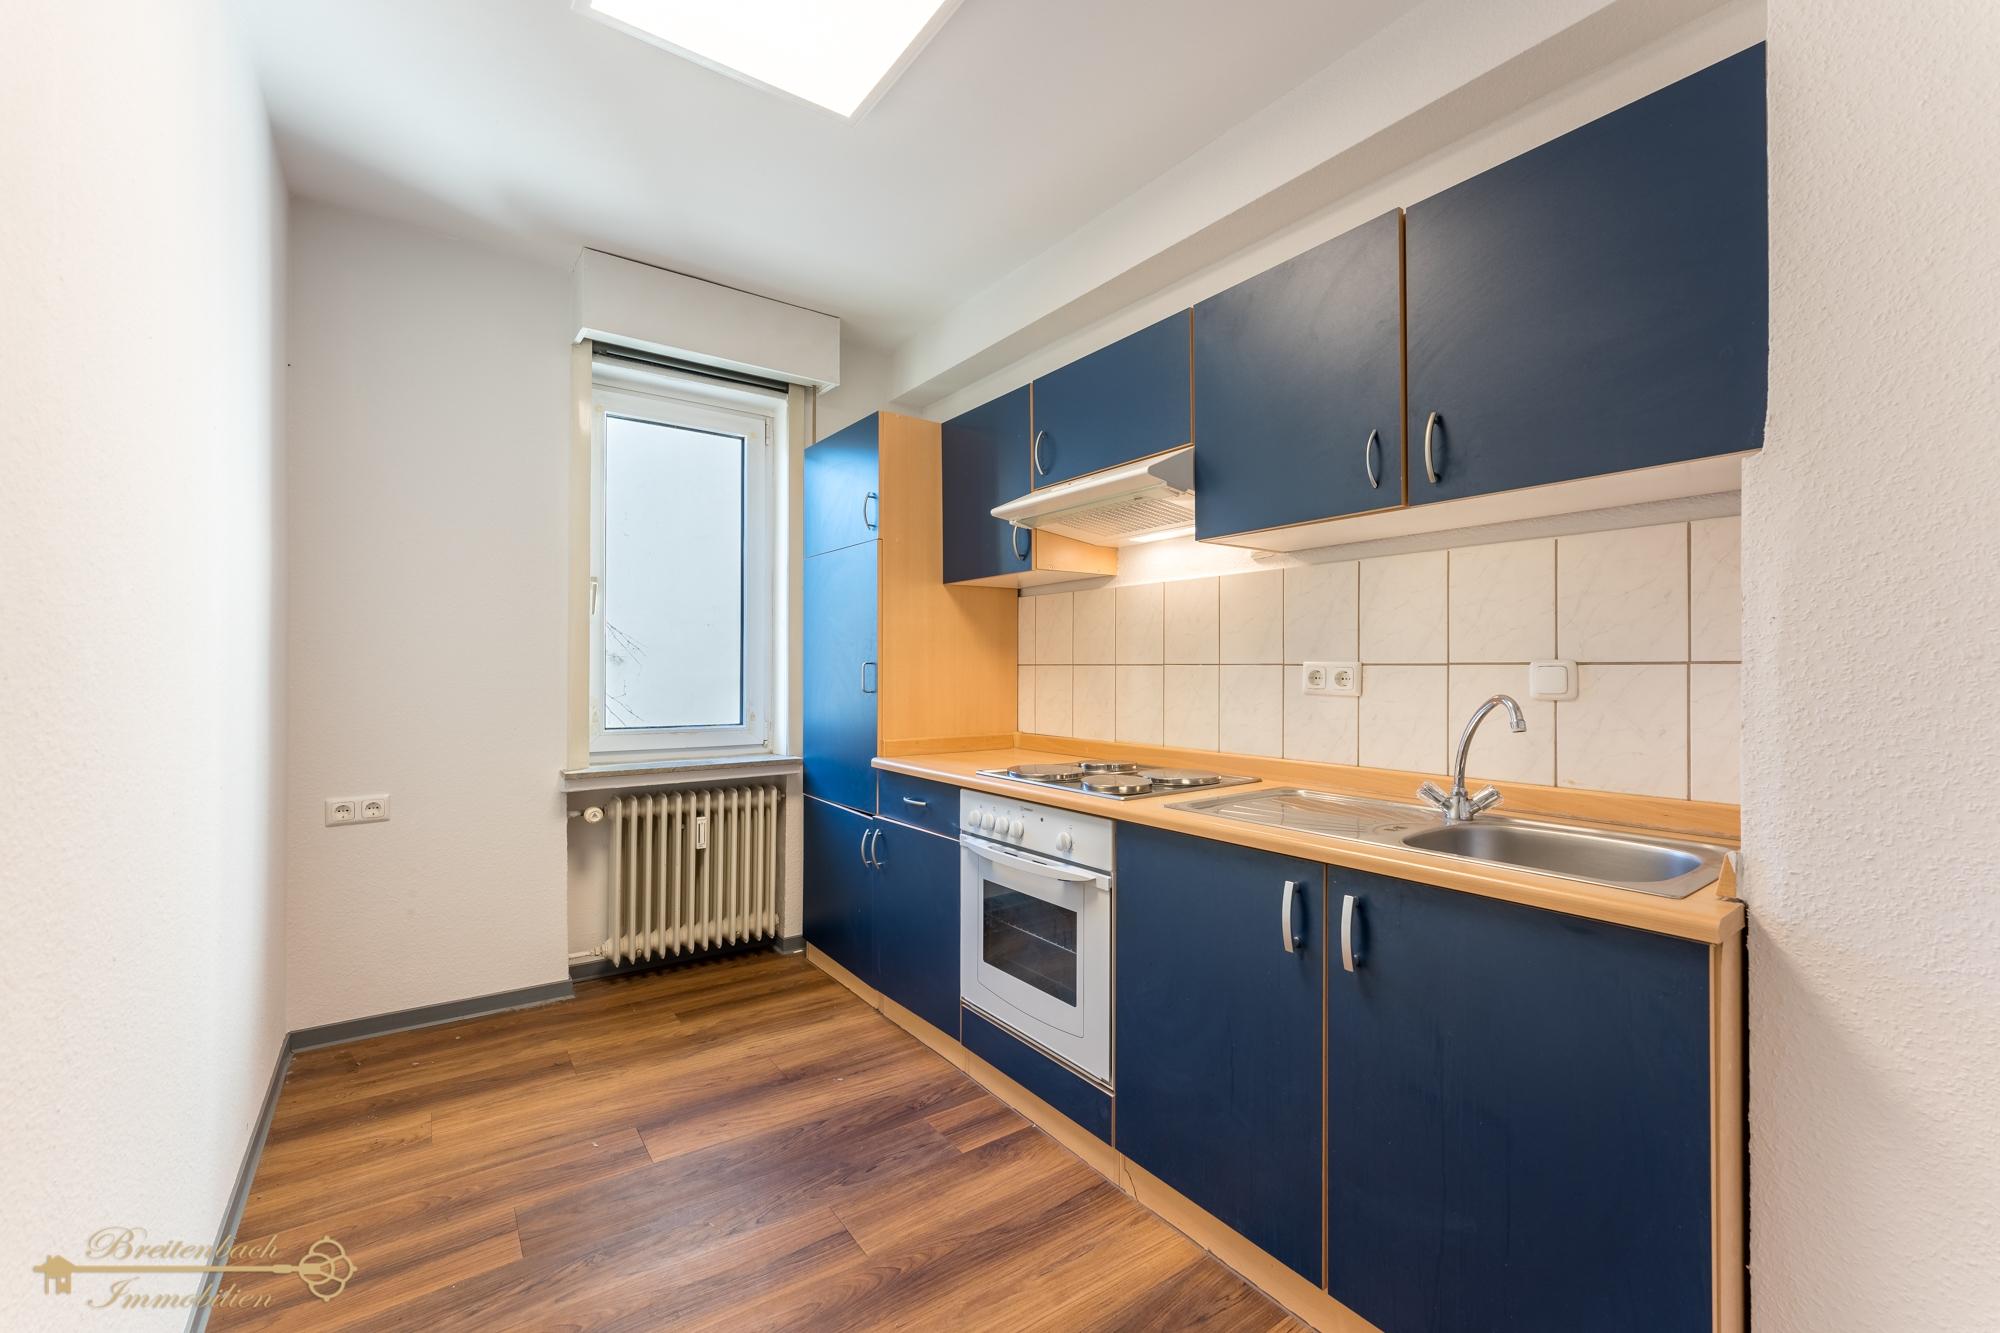 2021-02-14-Breitenbach-Immobilien-Makler-Bremen-11